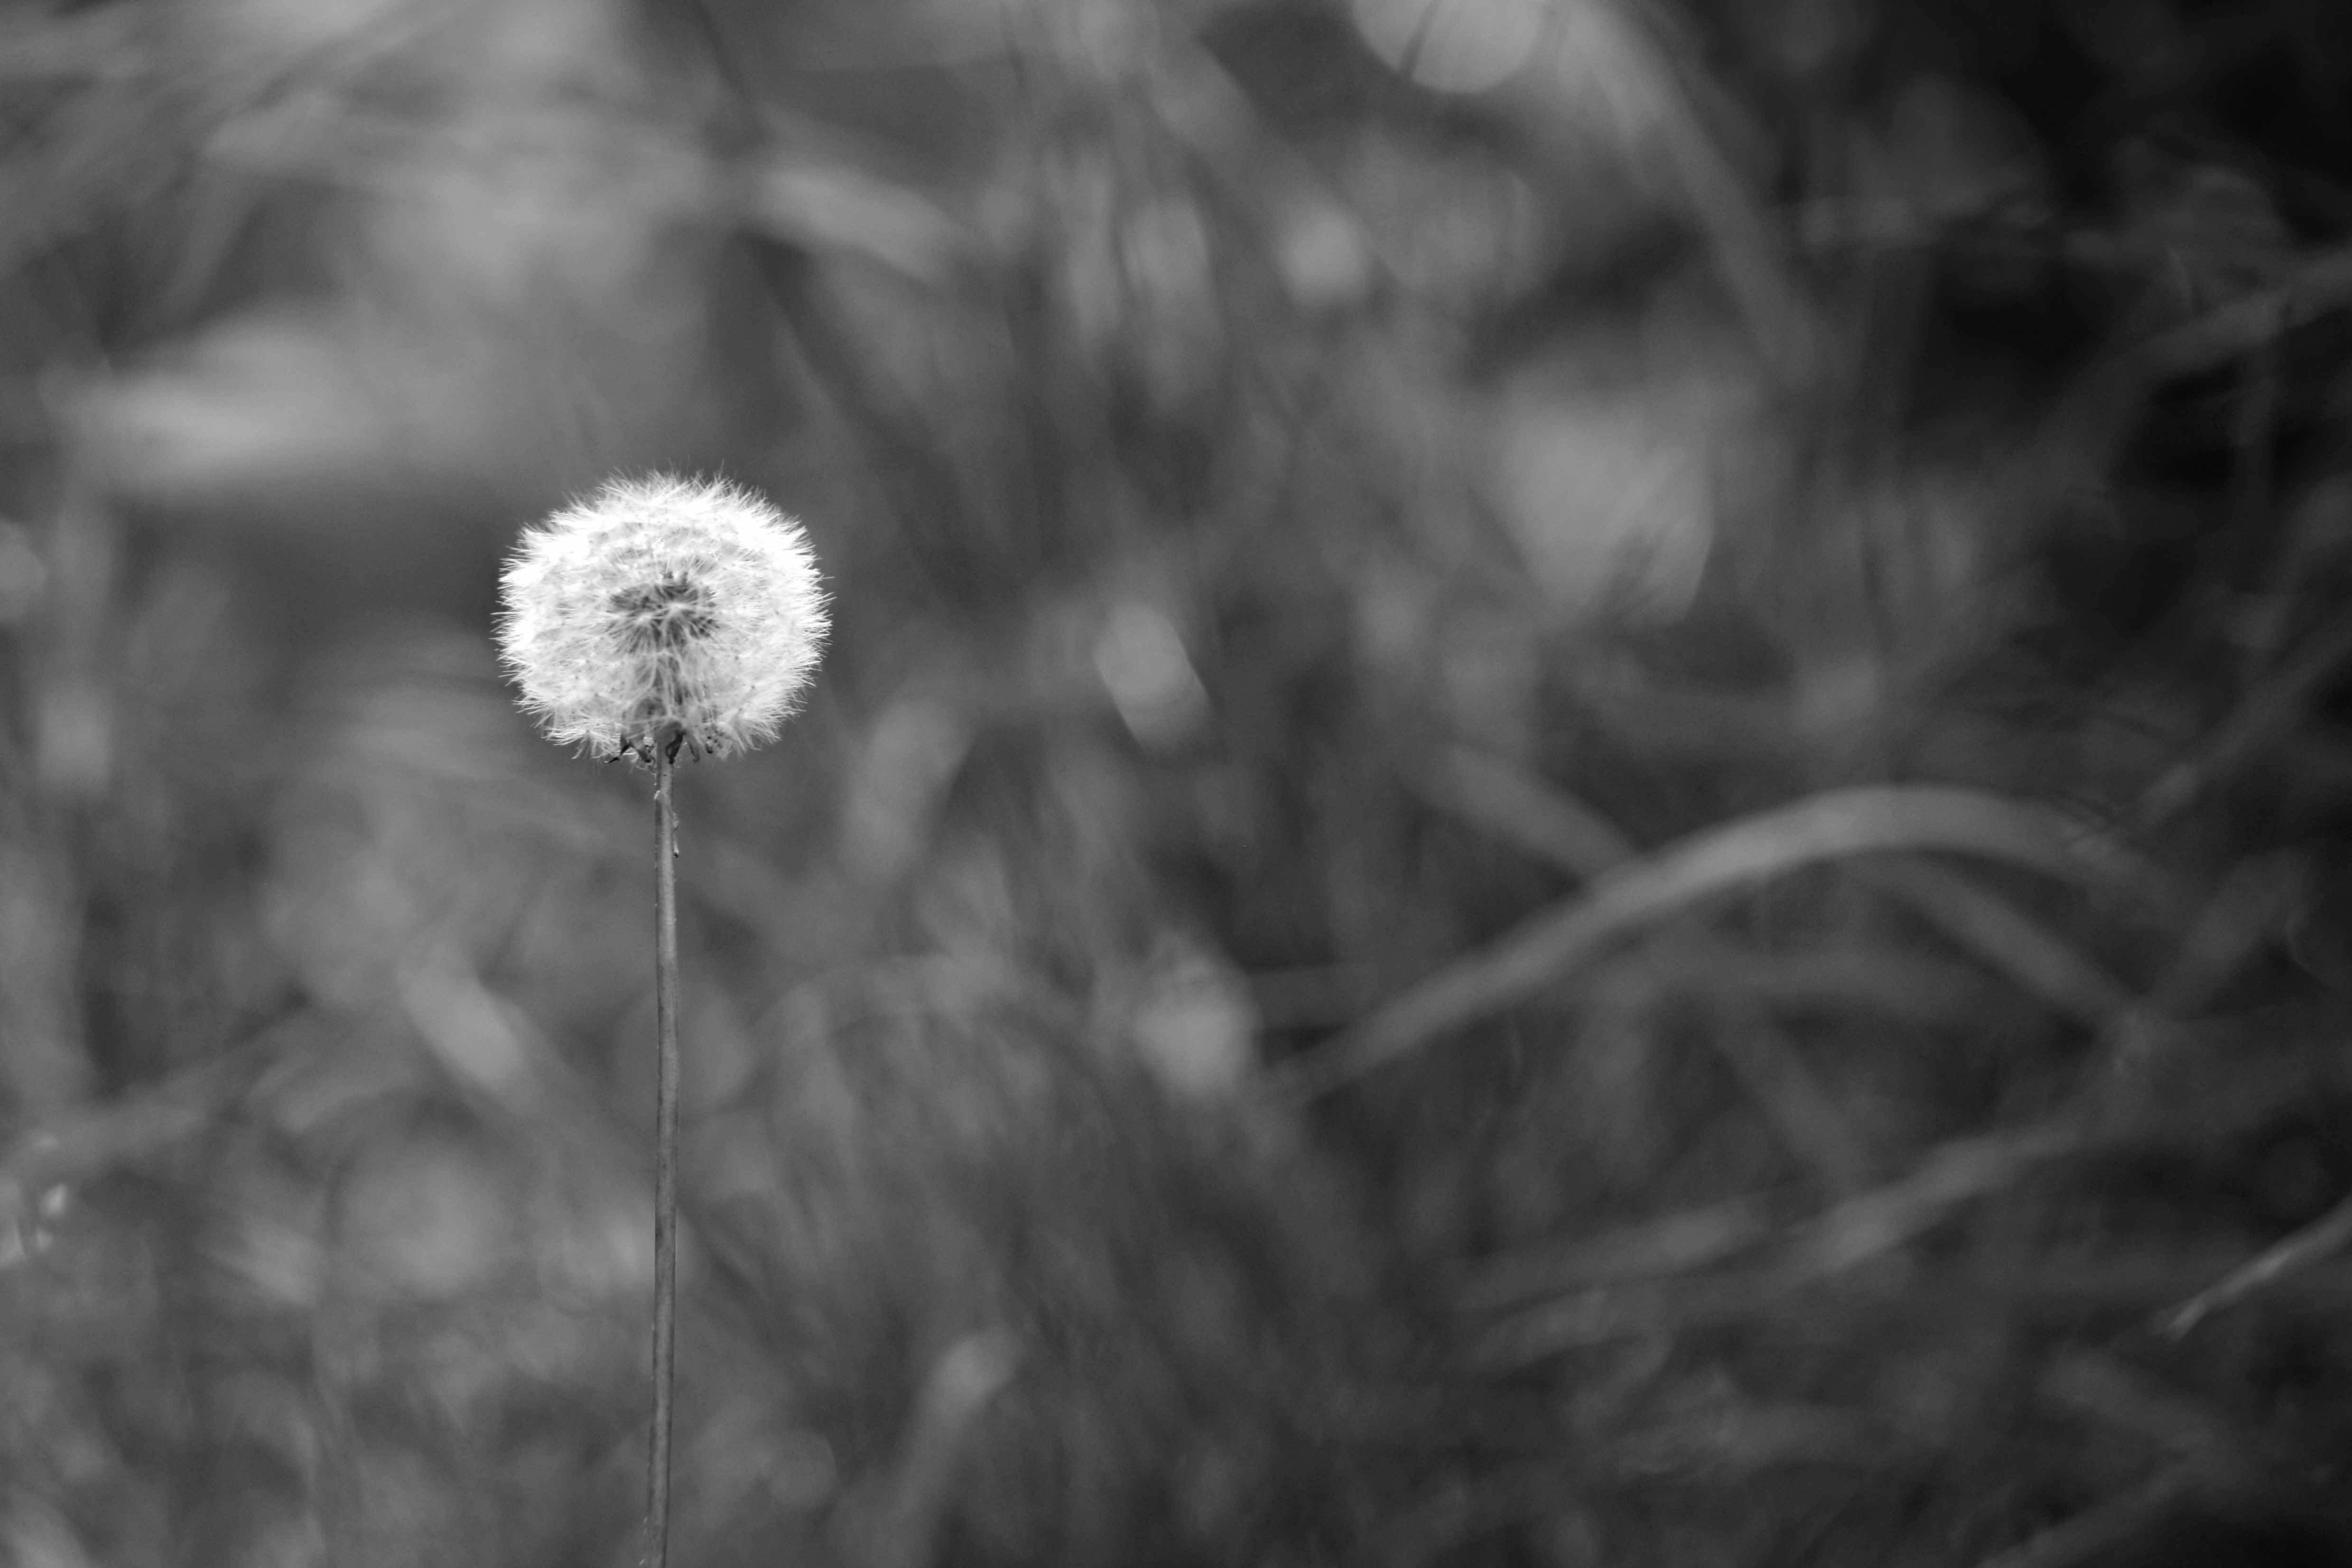 Greyscale Photo of Dandelion Seed